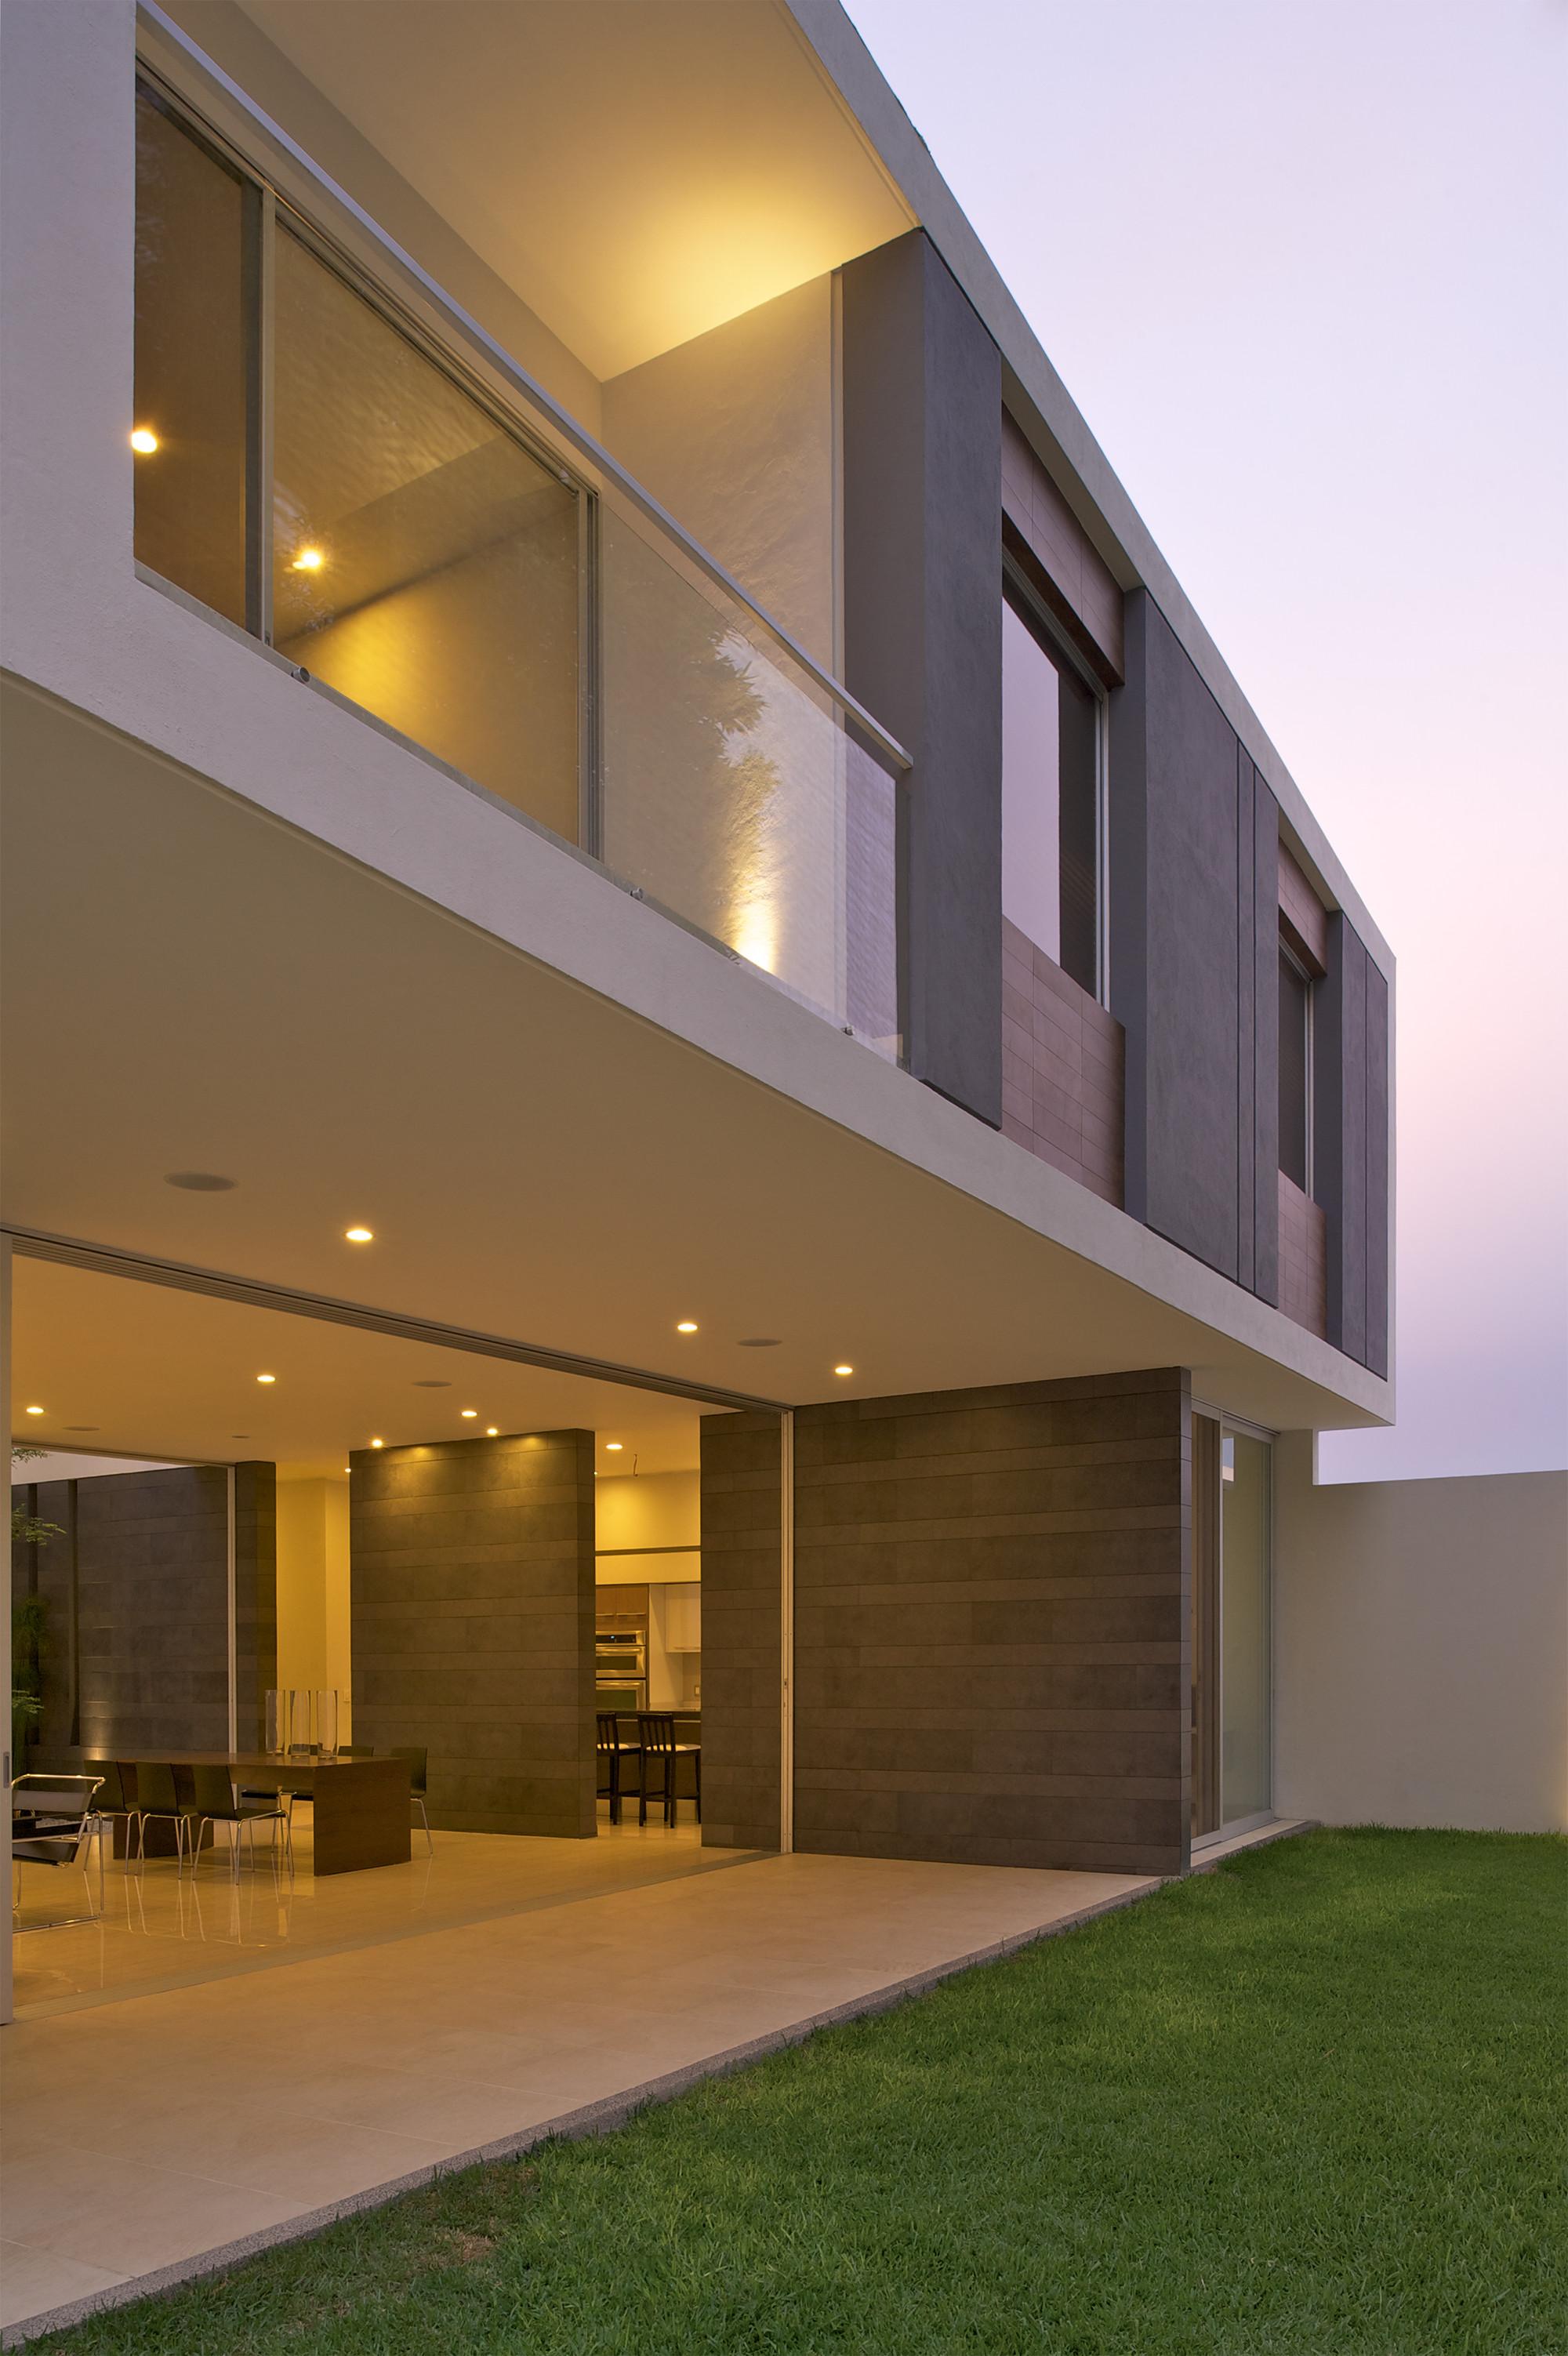 Galeria de casa koz tacher arquitectos 4 - Arquitectos casas modernas ...